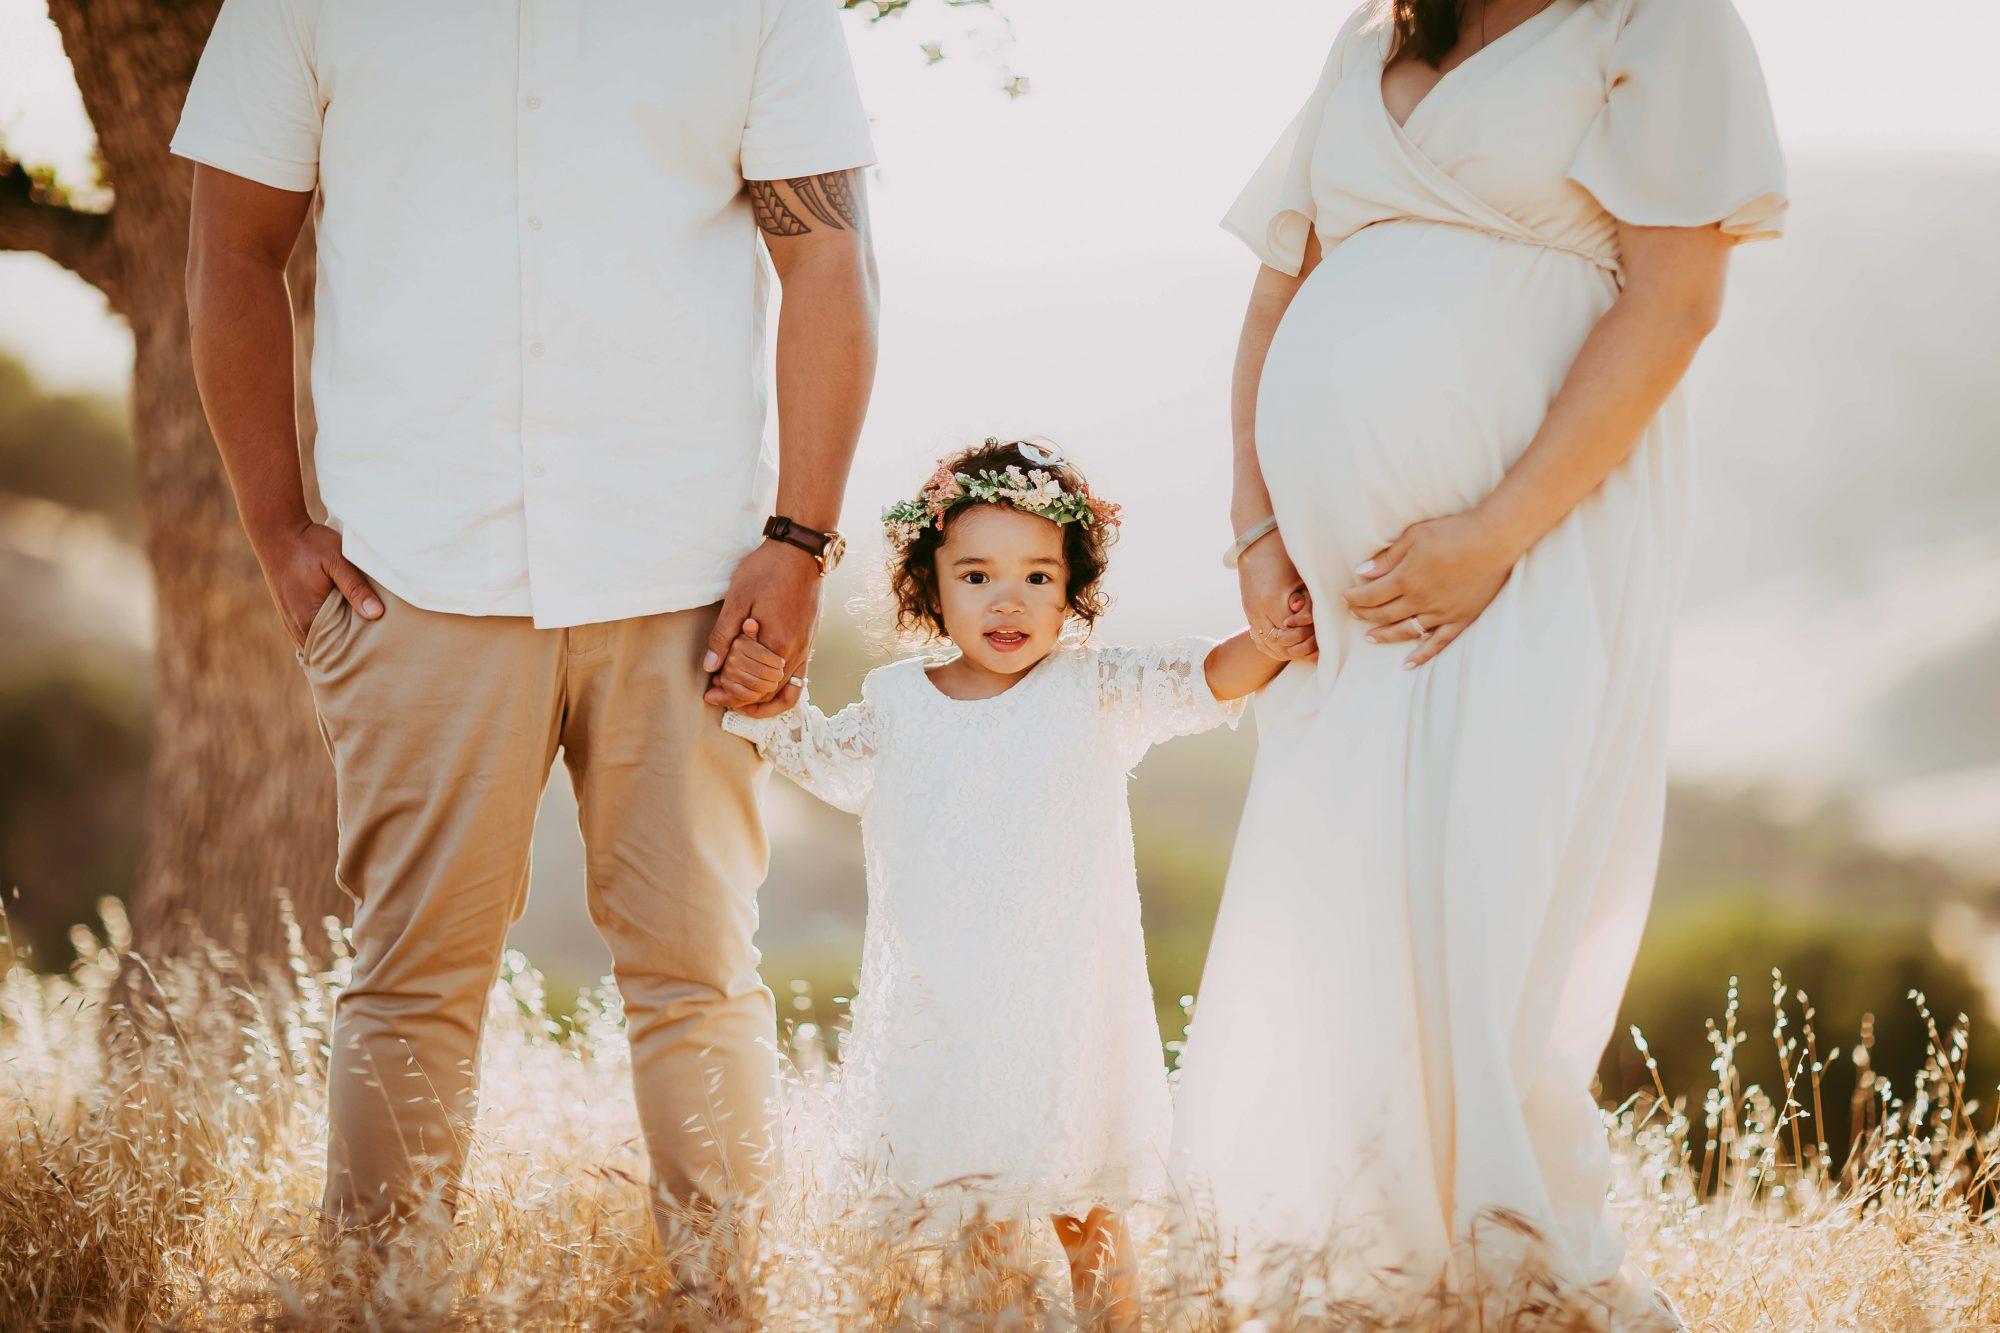 castro-valley-pregnancy-photographer